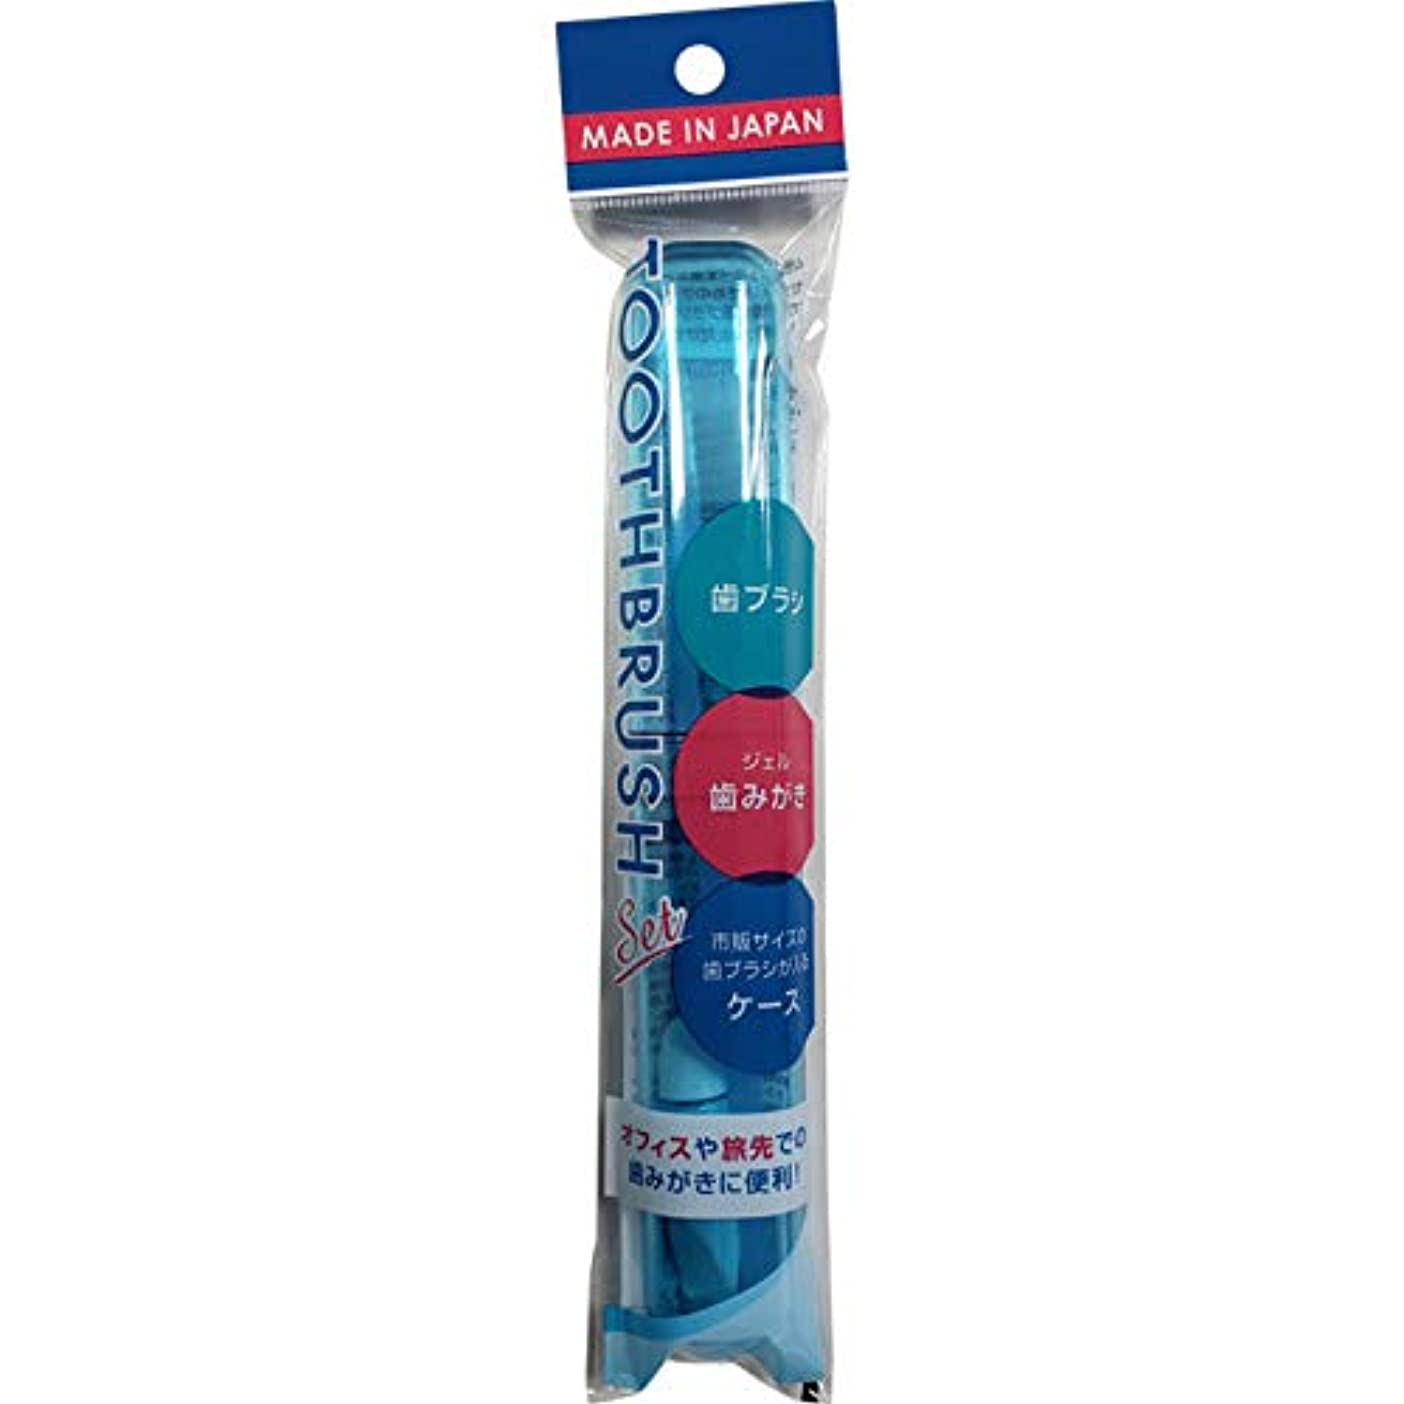 ホームぬるい思い出【8個セット】歯ブラシ&ジェル歯みがきケースセット